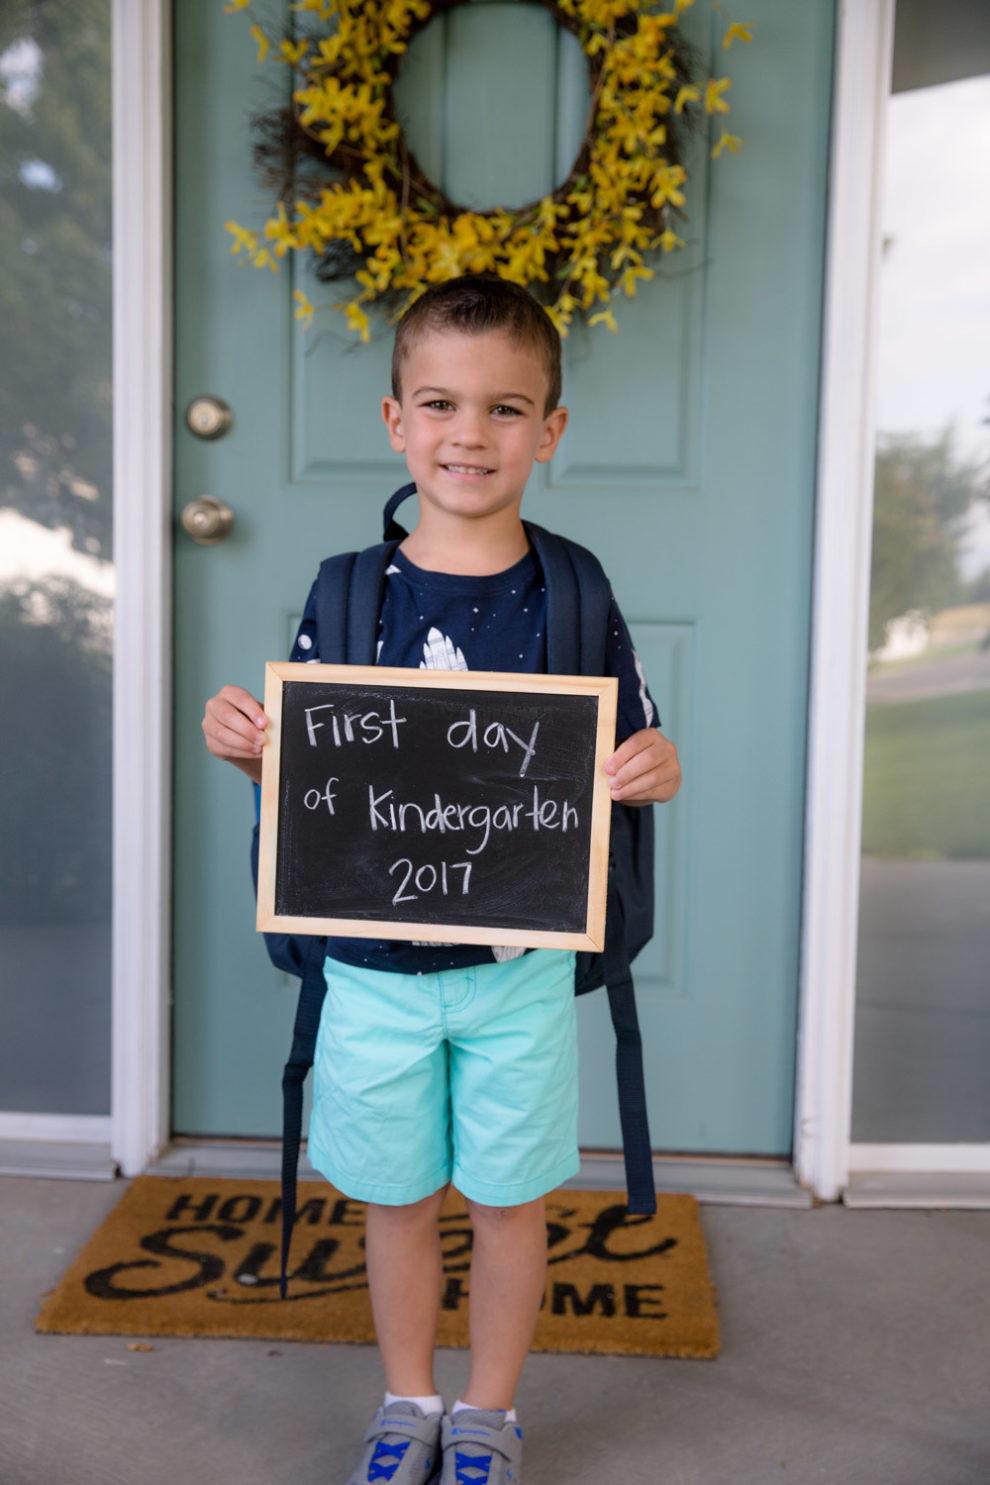 Blake First Day of Kindergarten 2017